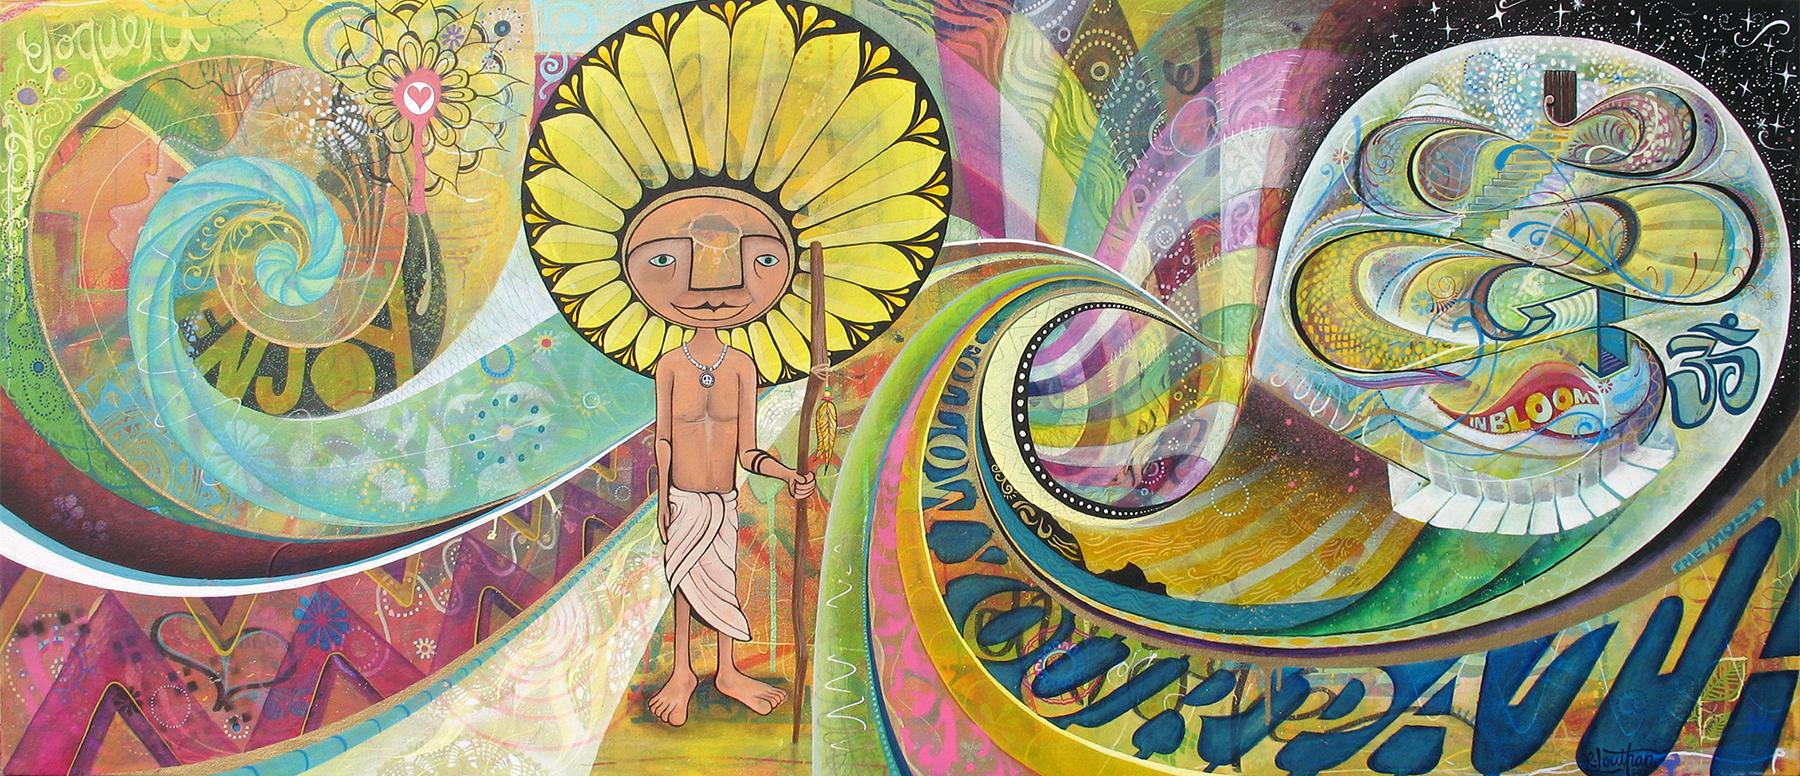 'Journey' Acrylic/Aerosol on canvas. 28h x 62w. 2011